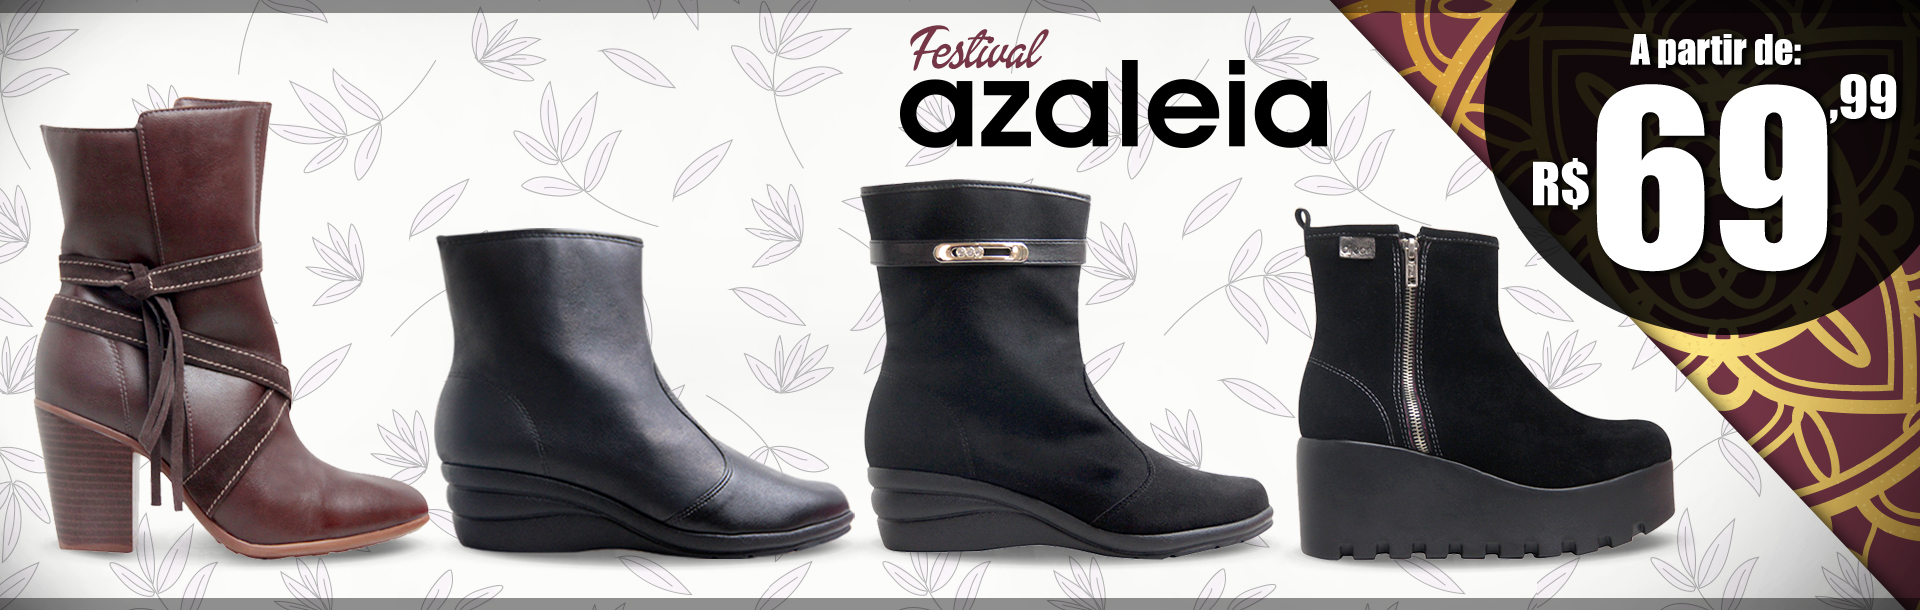 Festival Azaleia